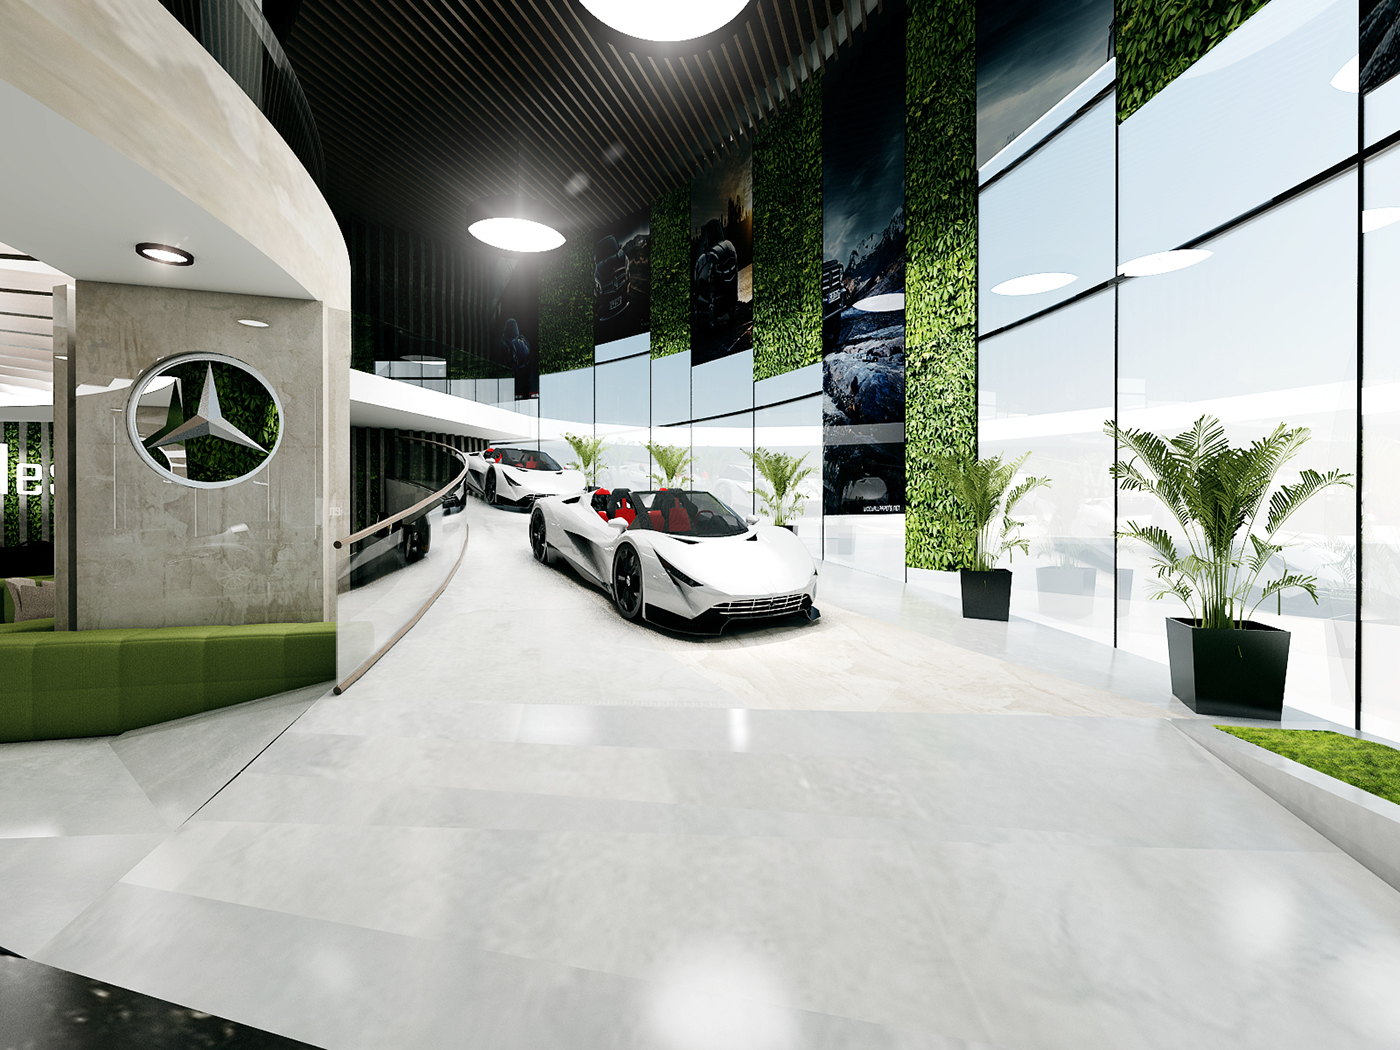 thiết kế nội thất Showroom tại Đà Nẵng THIẾT KẾ SHOWROOM TRƯNG BÀY XE MERCEDES - TP ĐÀ NẴNG 3 1534150428